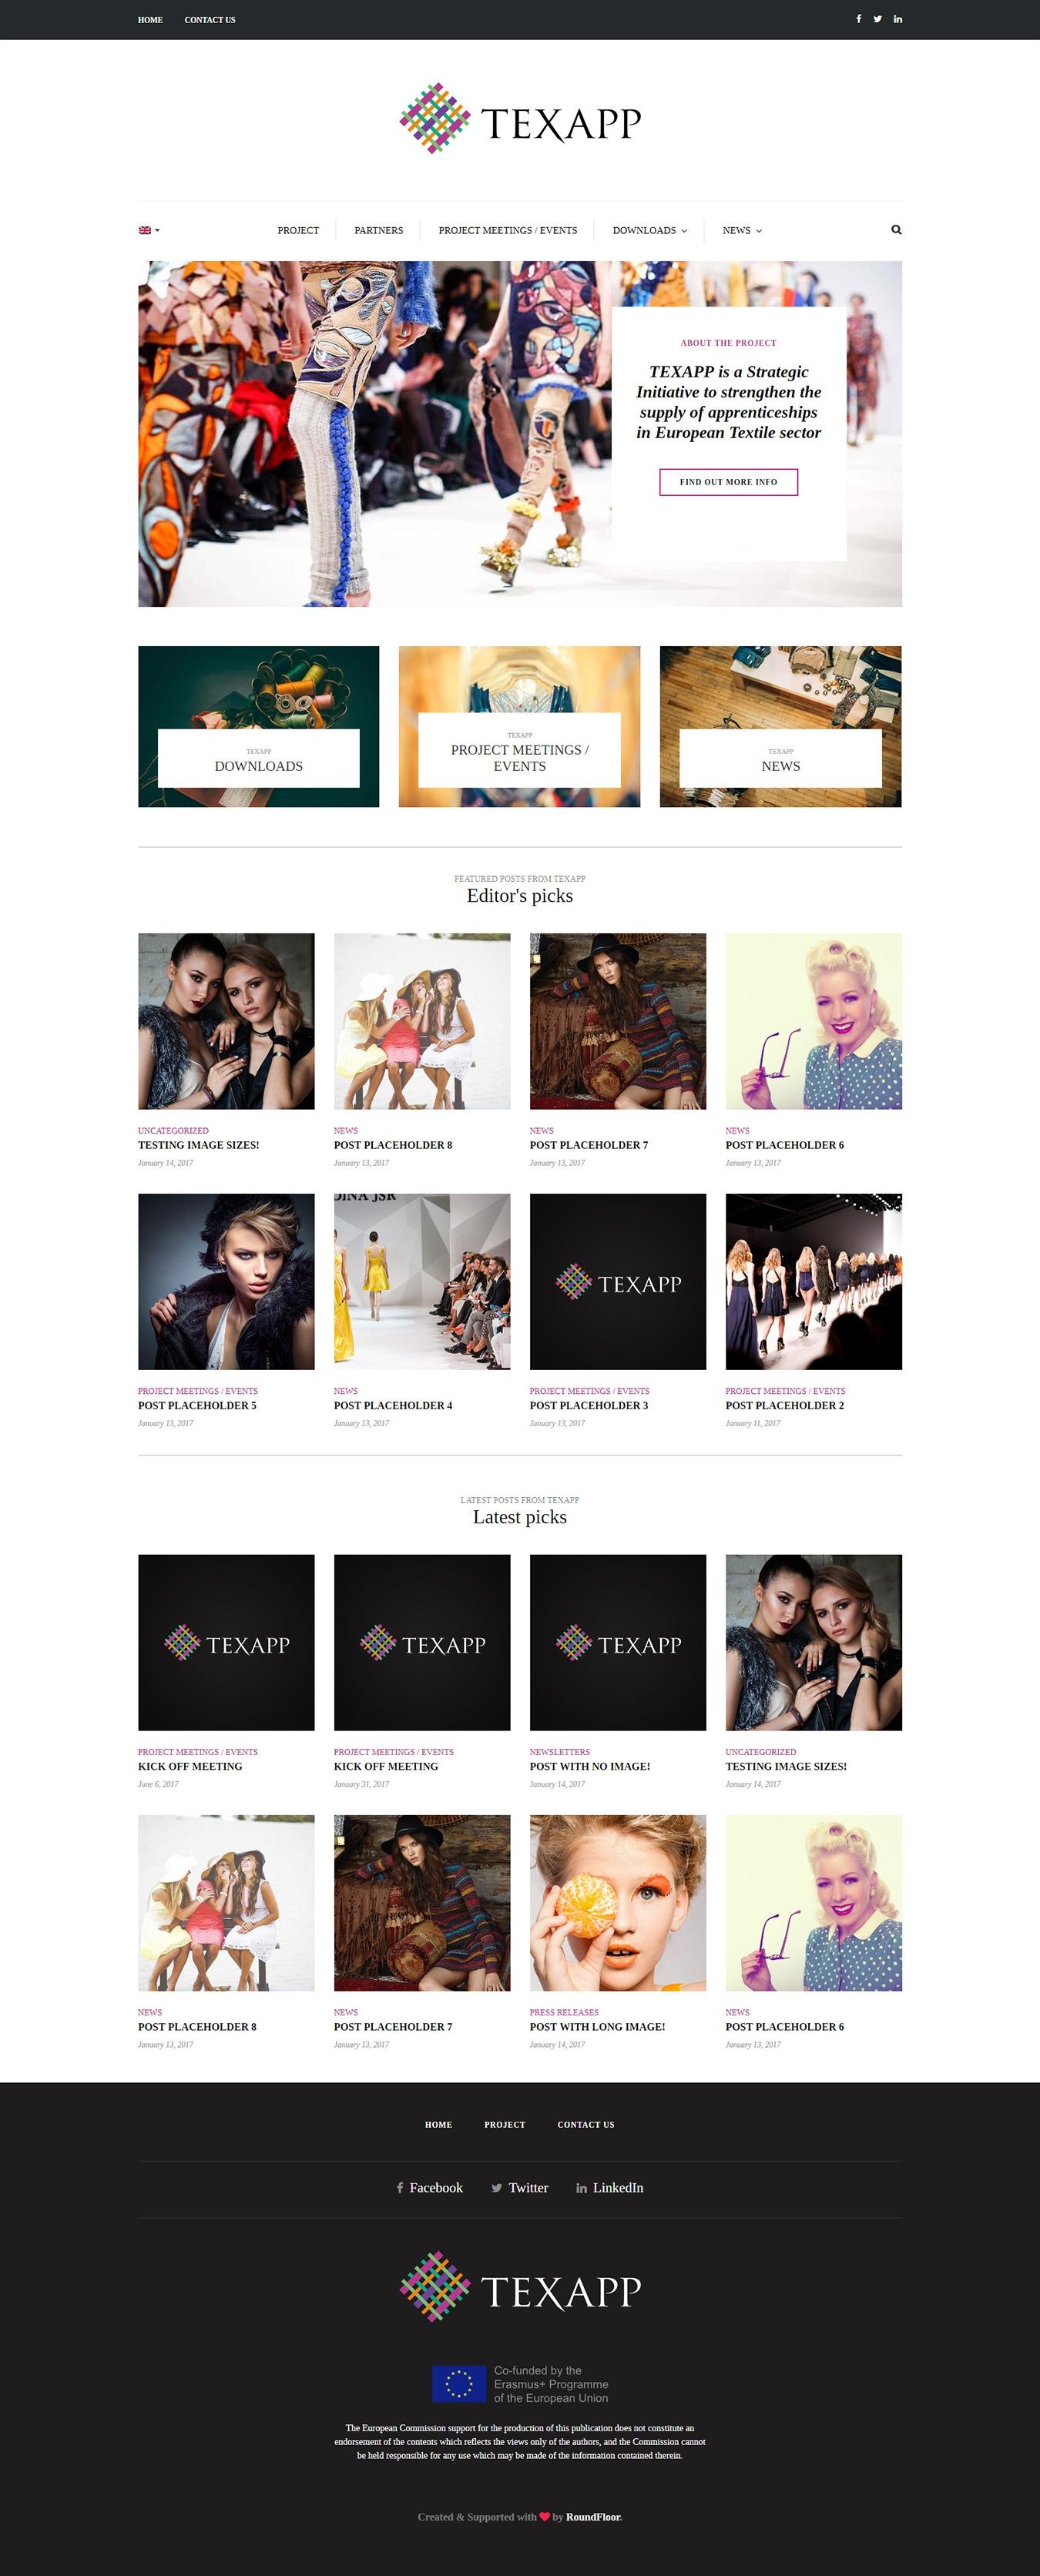 Κατασκευή ιστοσελίδας φορέα της Ευρωπαϊκής Ένωσης για τον κλάδο κλωστοϋφαντουργίας και μόδας TEXAPP